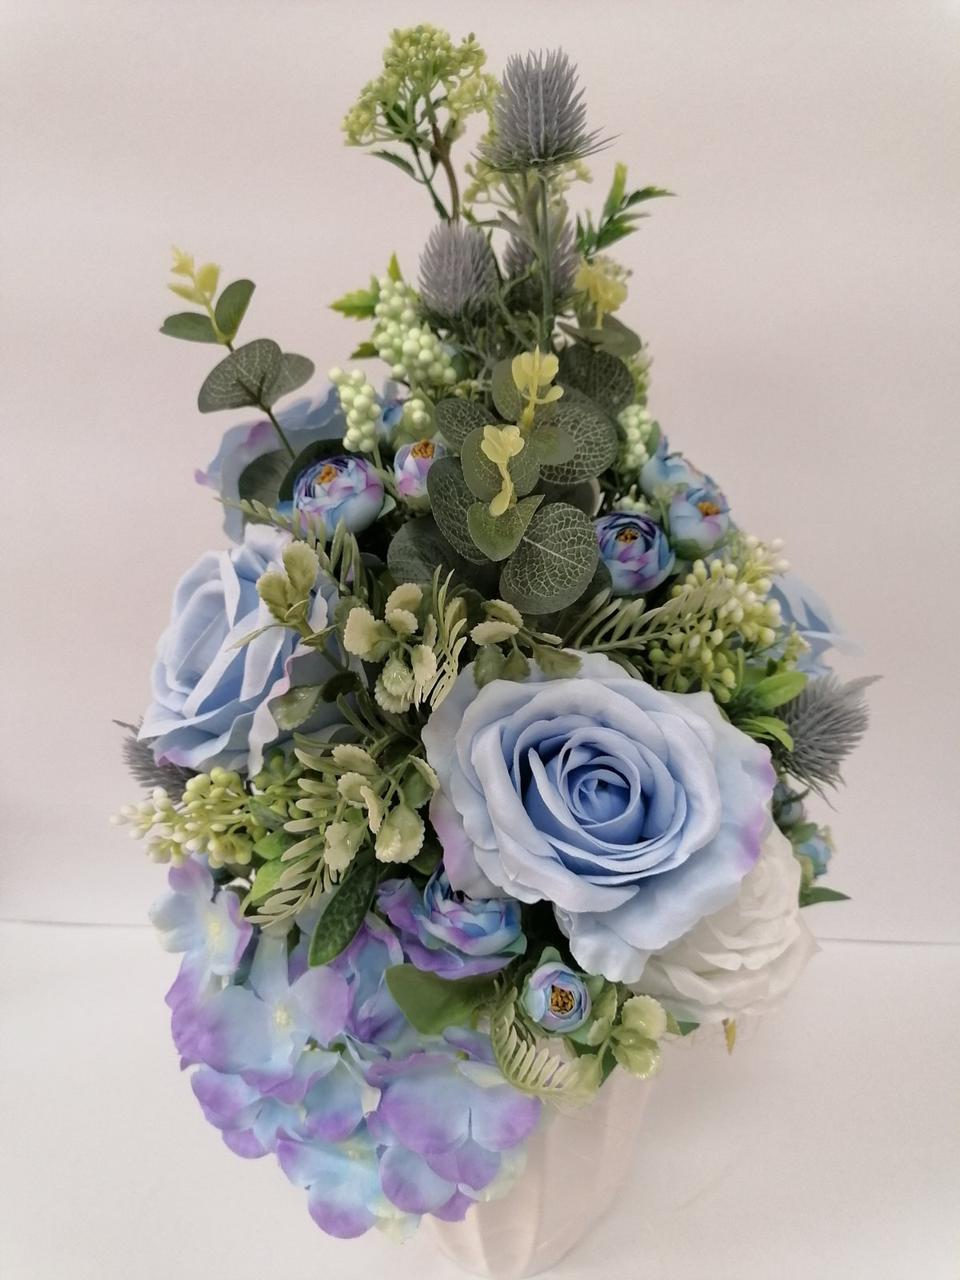 Композиция из цветов Волинськi  вiзерунки в керамическом кашпо мятно-голубая